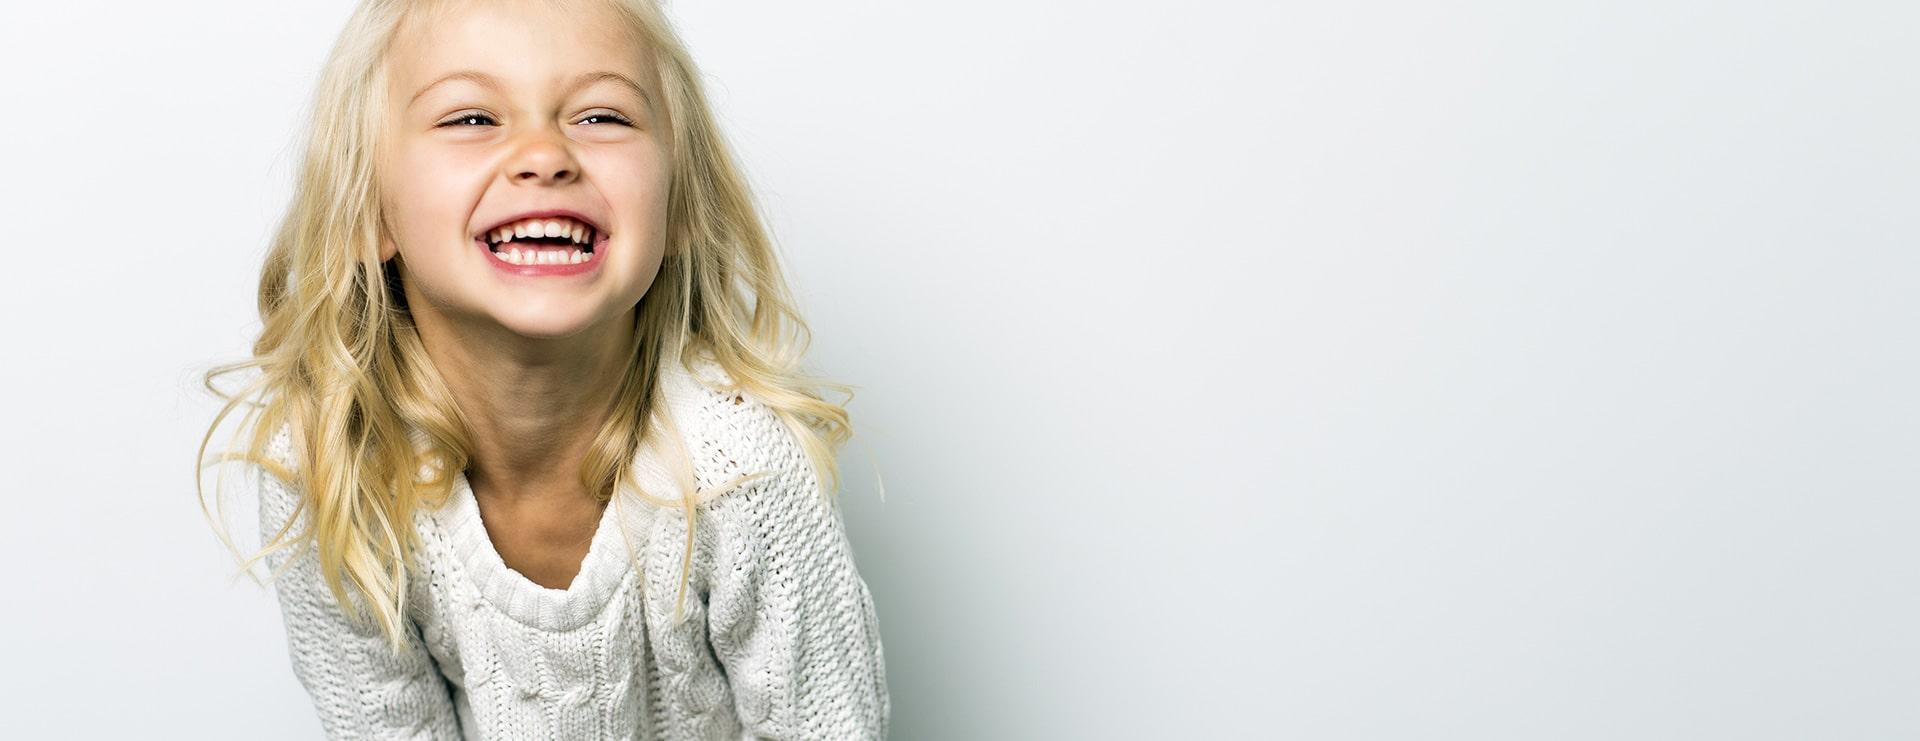 Lacer Infantil